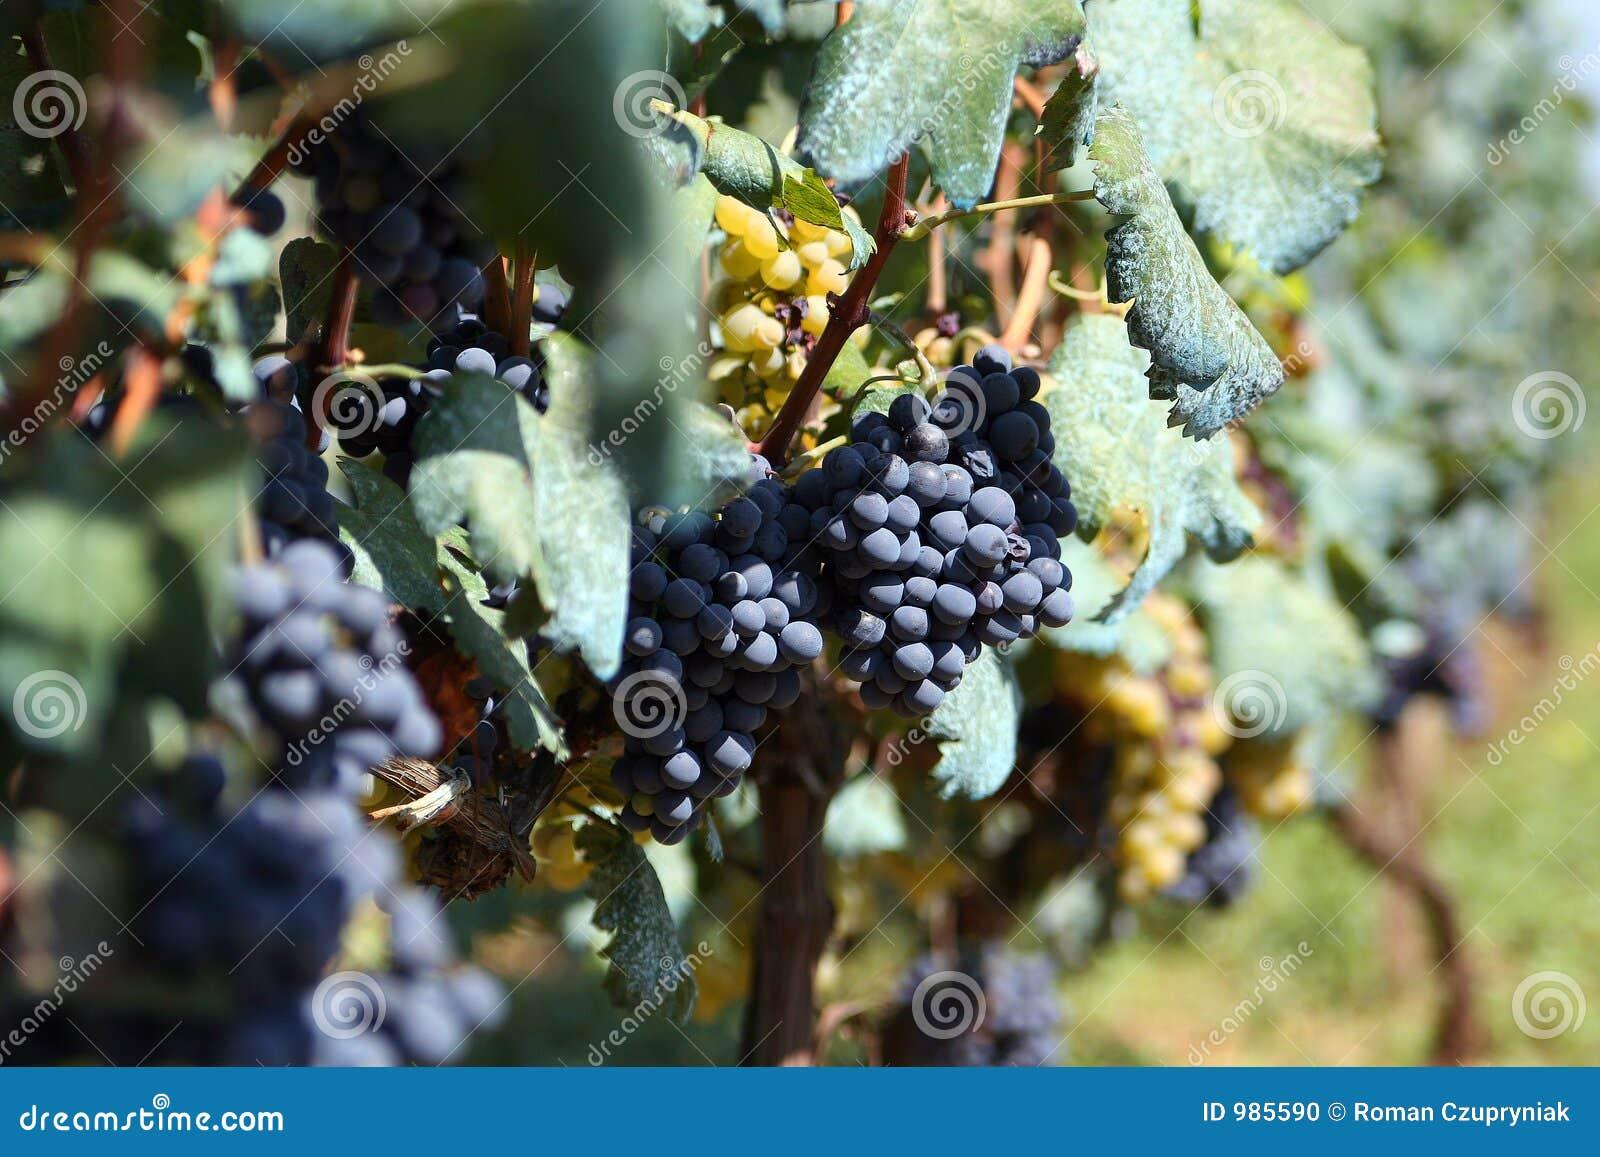 De druif